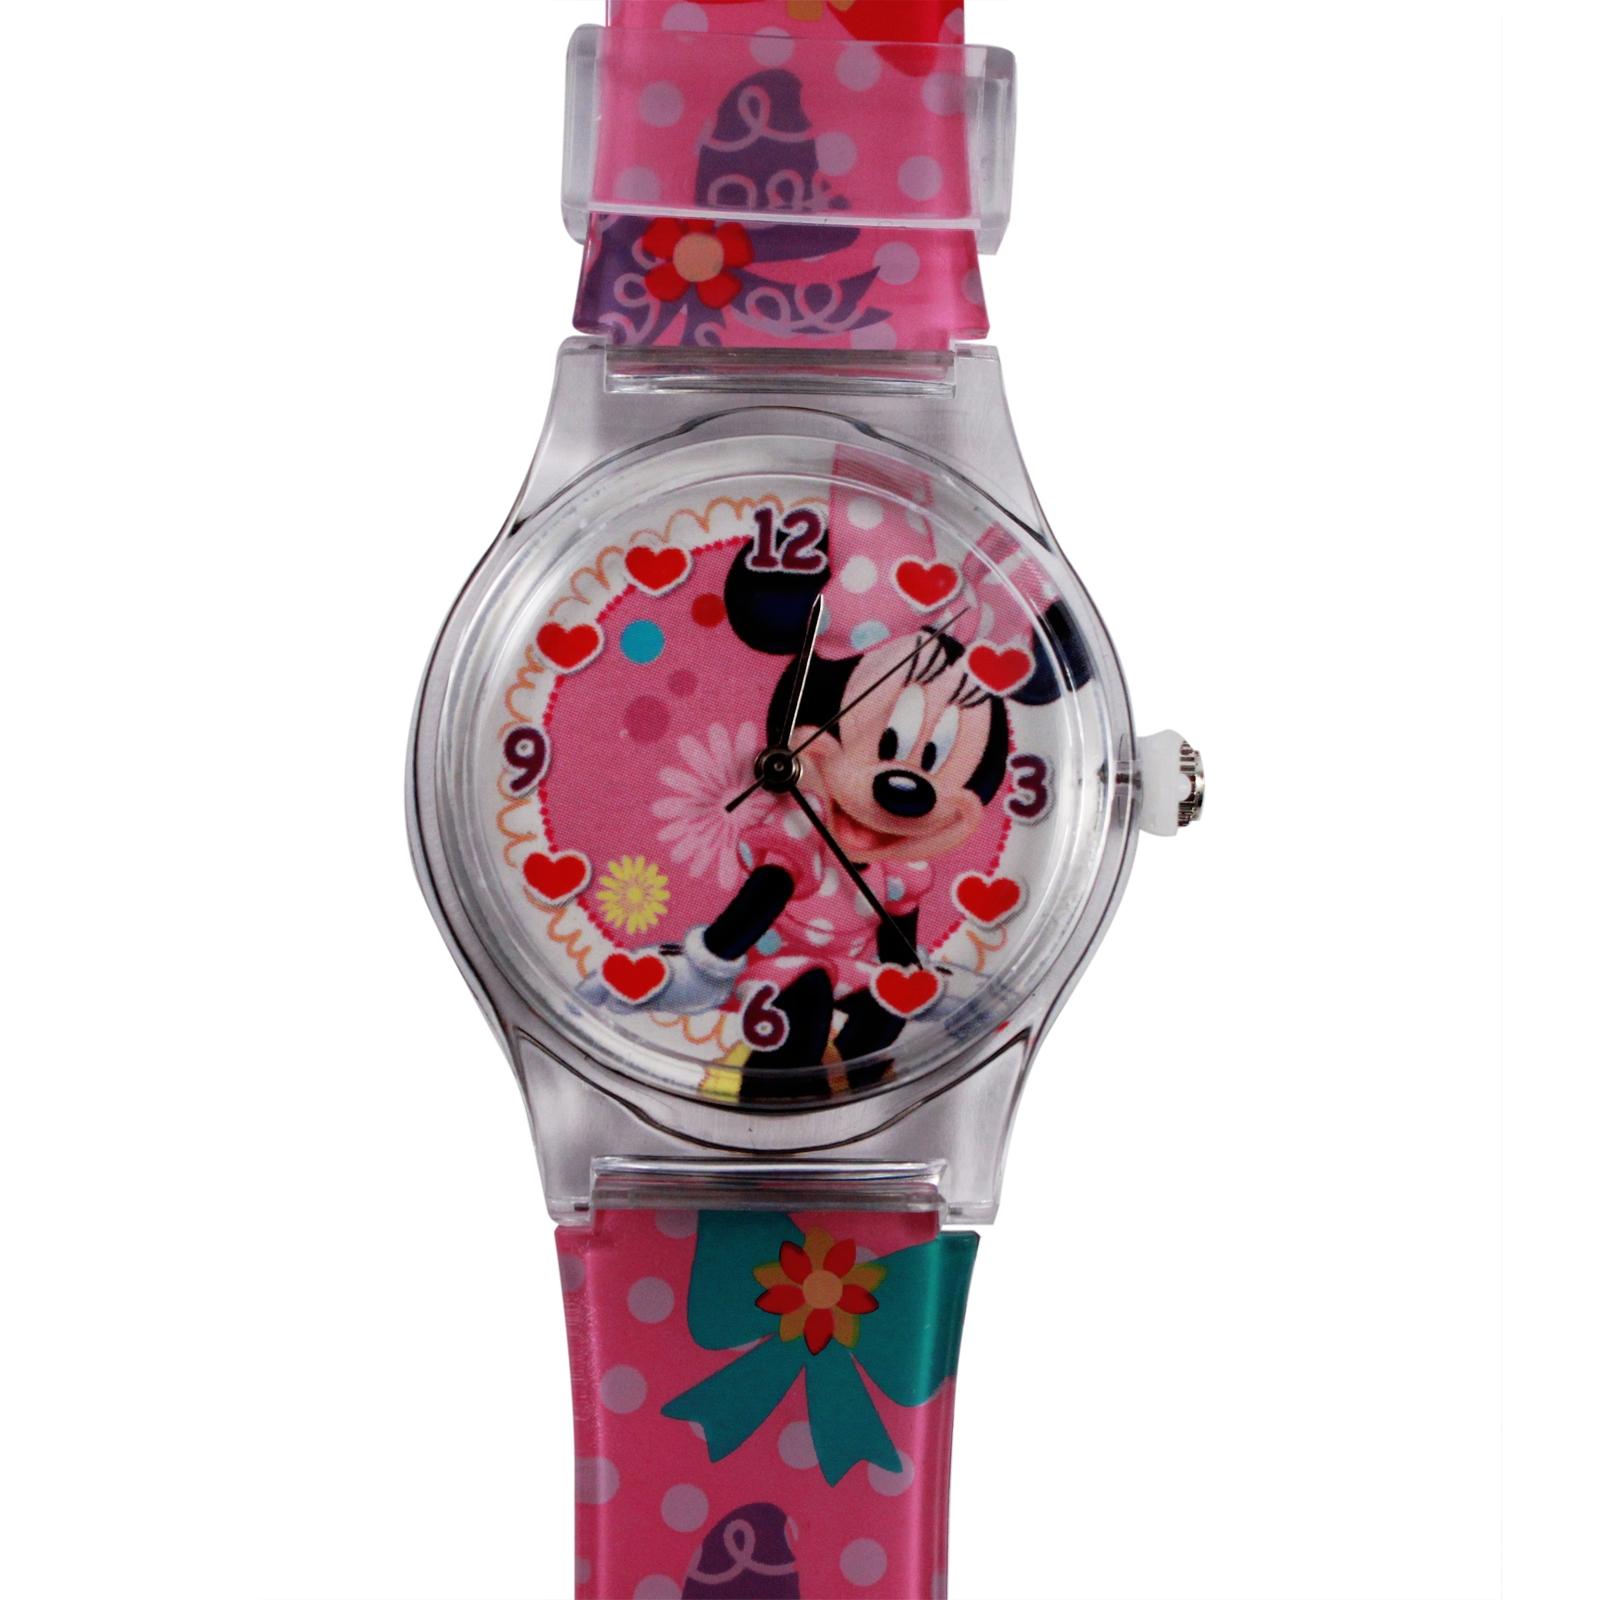 disney's Minnie Mouse Pink Children's Analog Watch Disney's Minnie Mouse Pink Children's Analog Watch